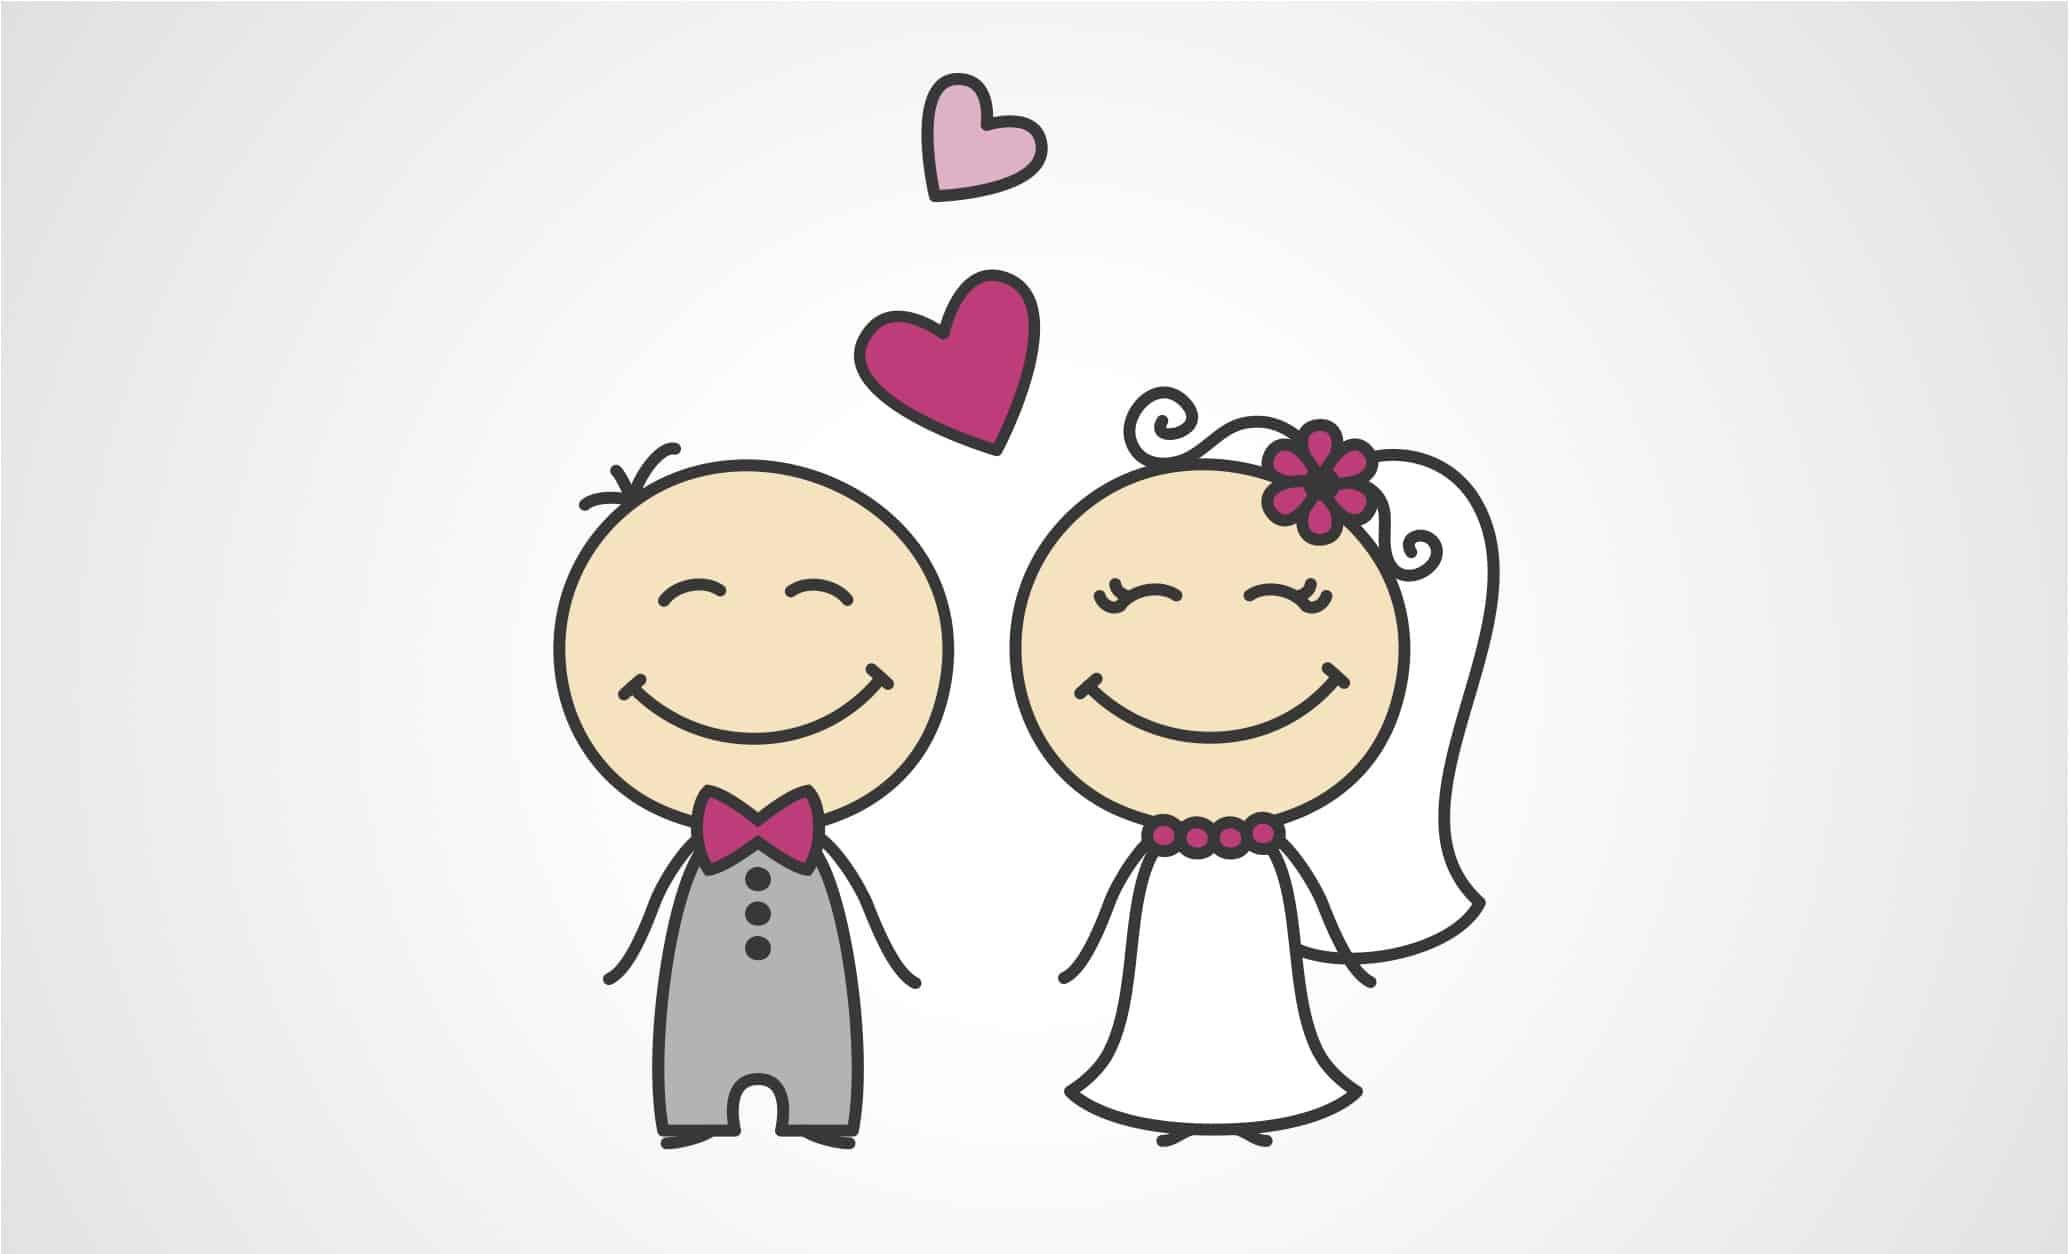 صور نصائح للزوجة , نصيحة للزوجة لحياة زوجية سعيدة